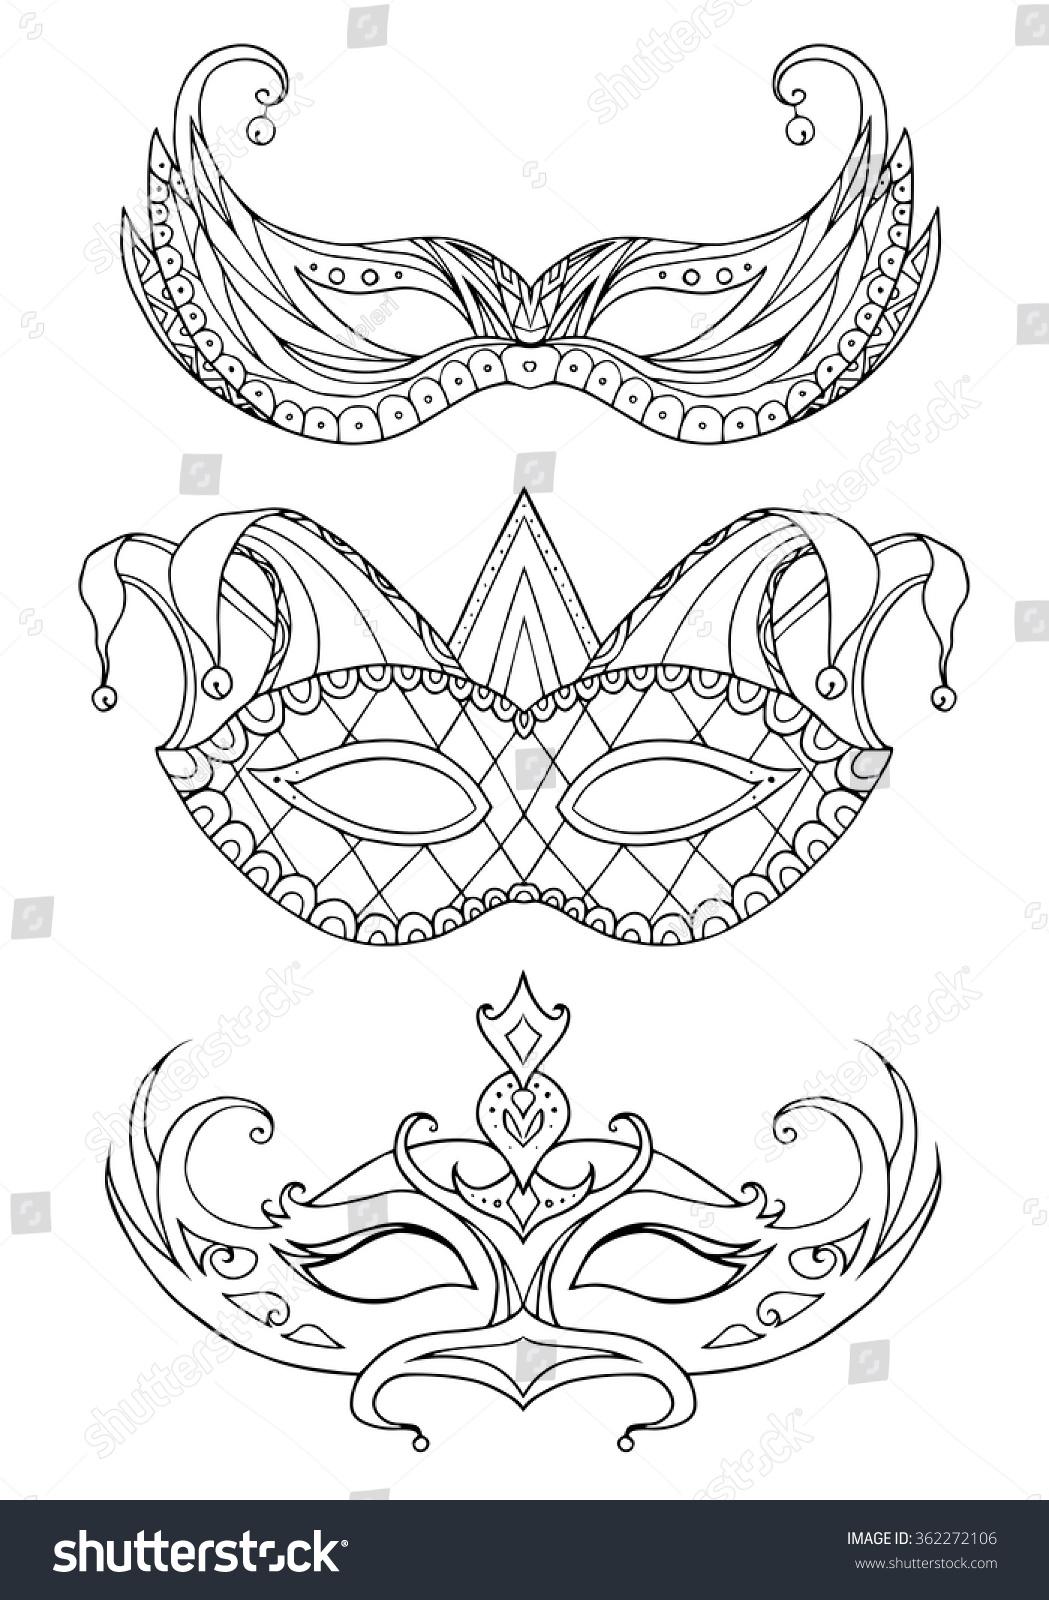 set handdrawn doodle face masks festival stock vector 362272106